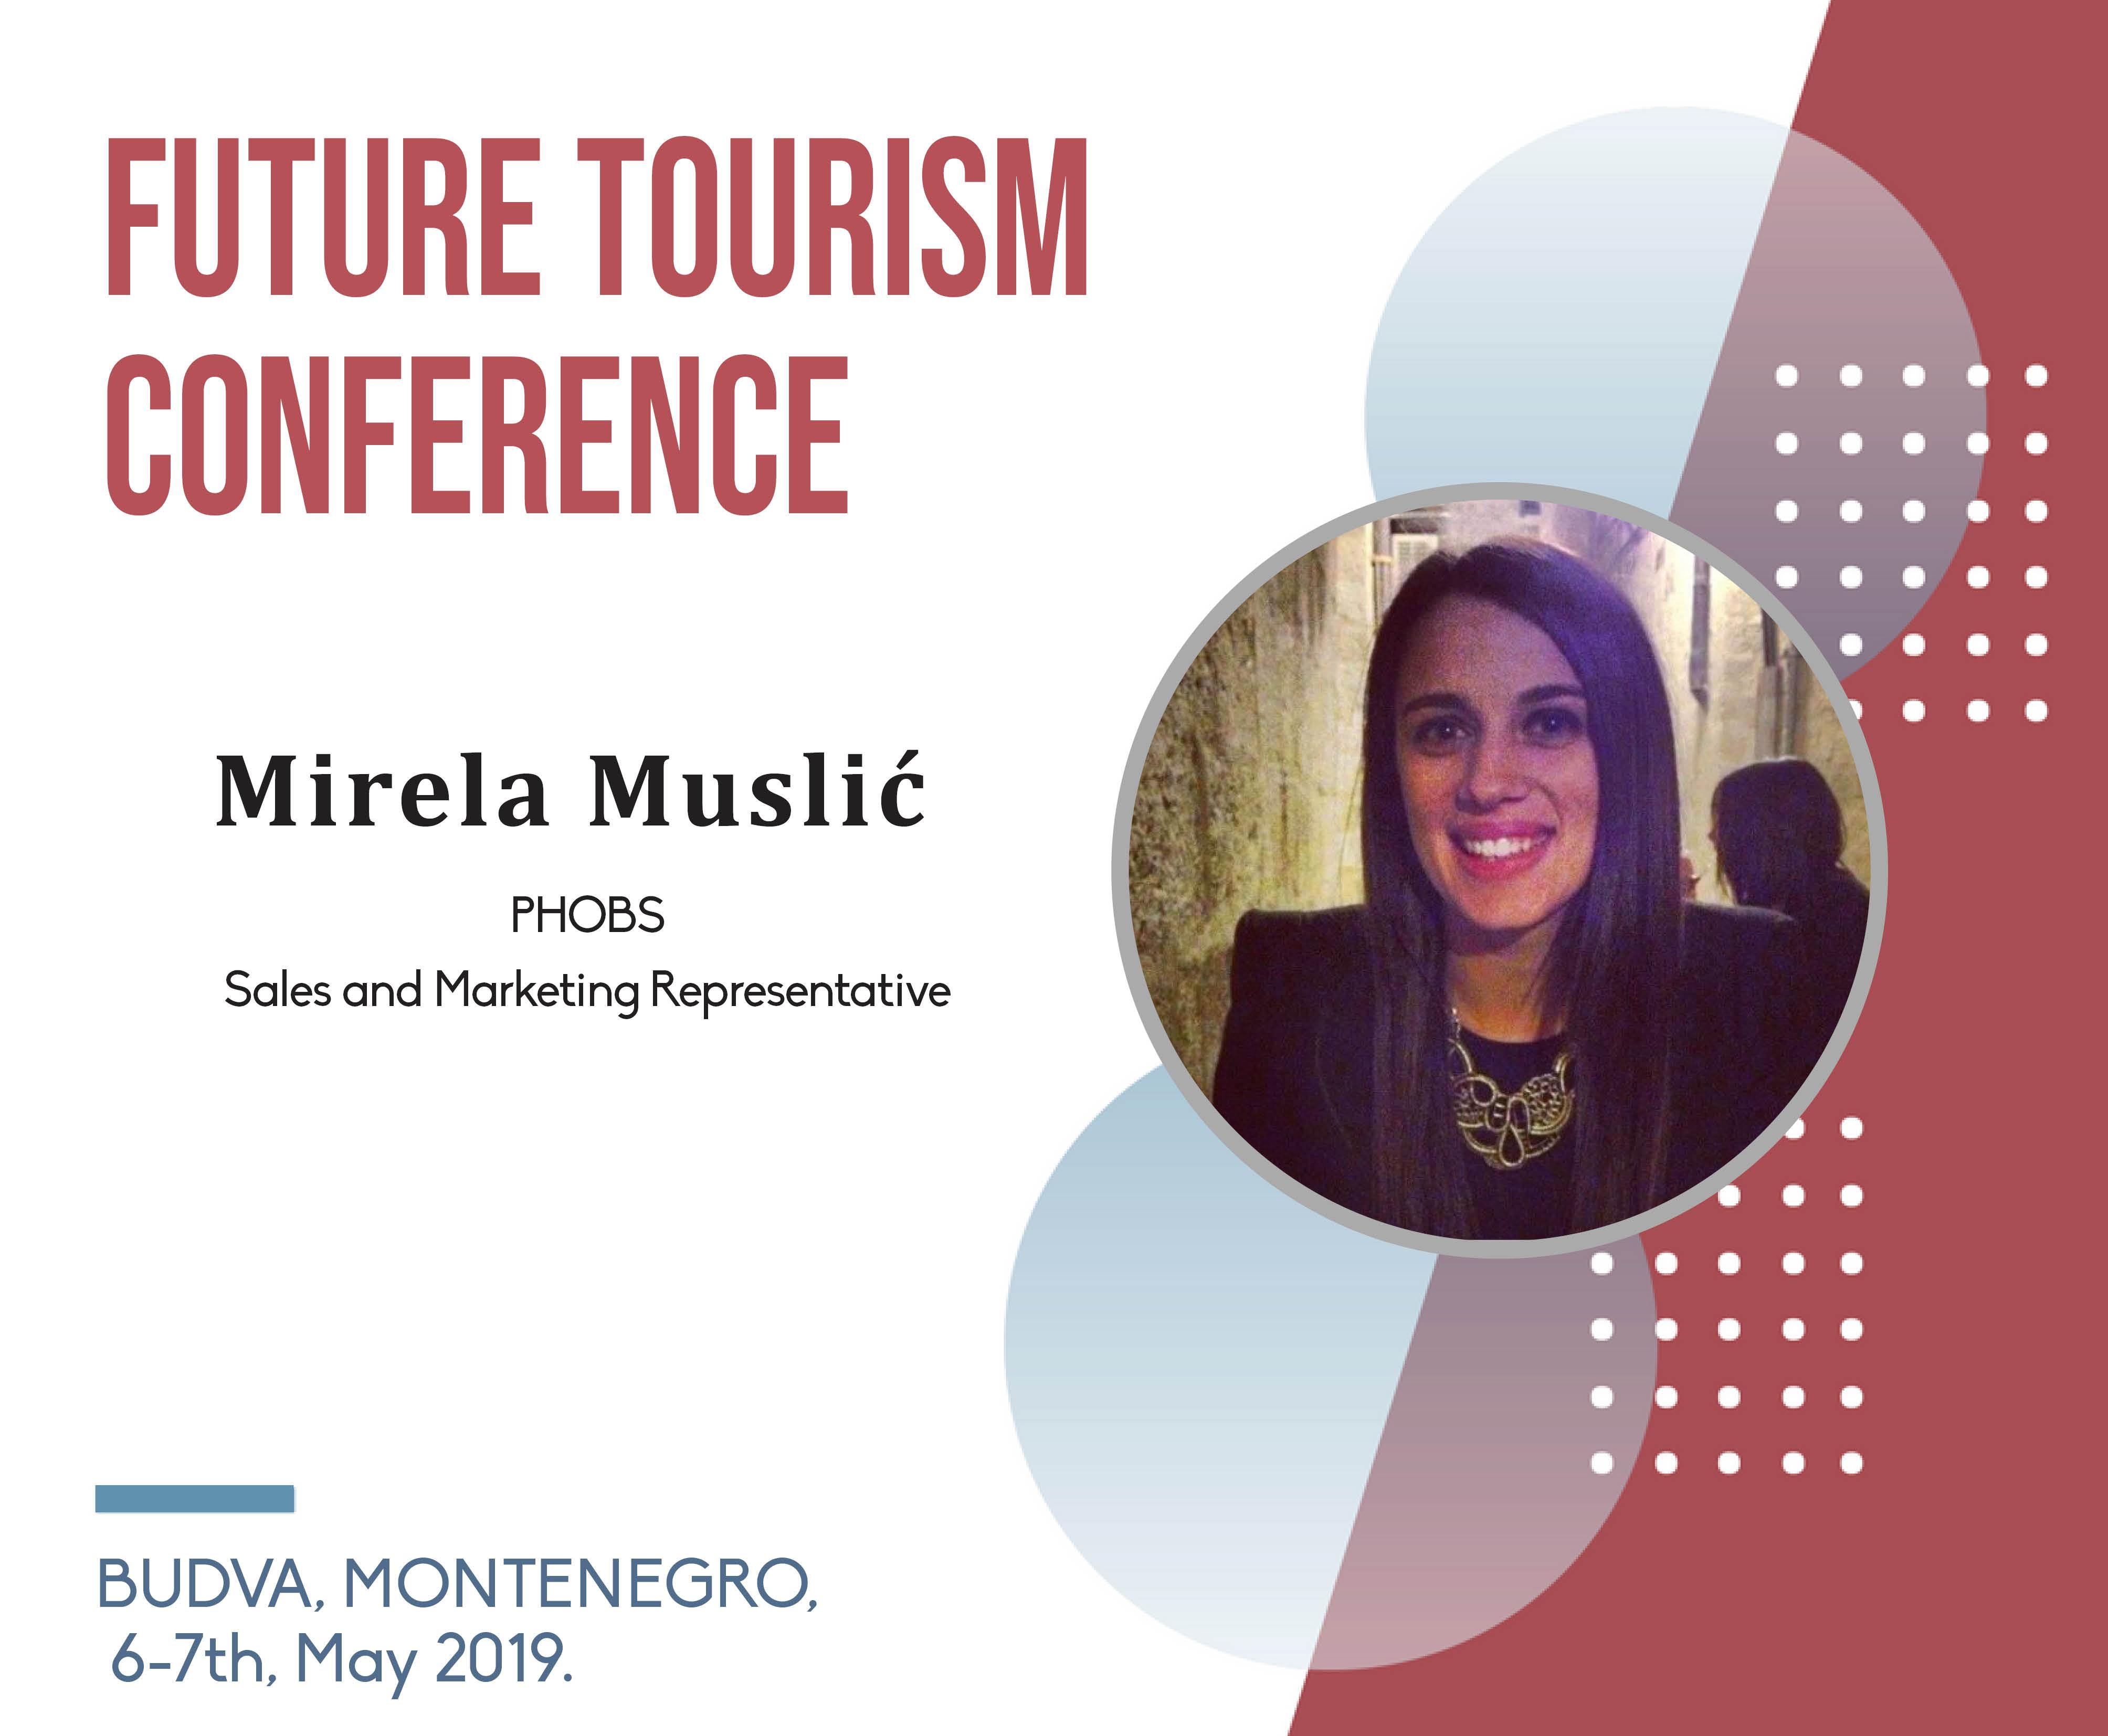 Mirela Muslic